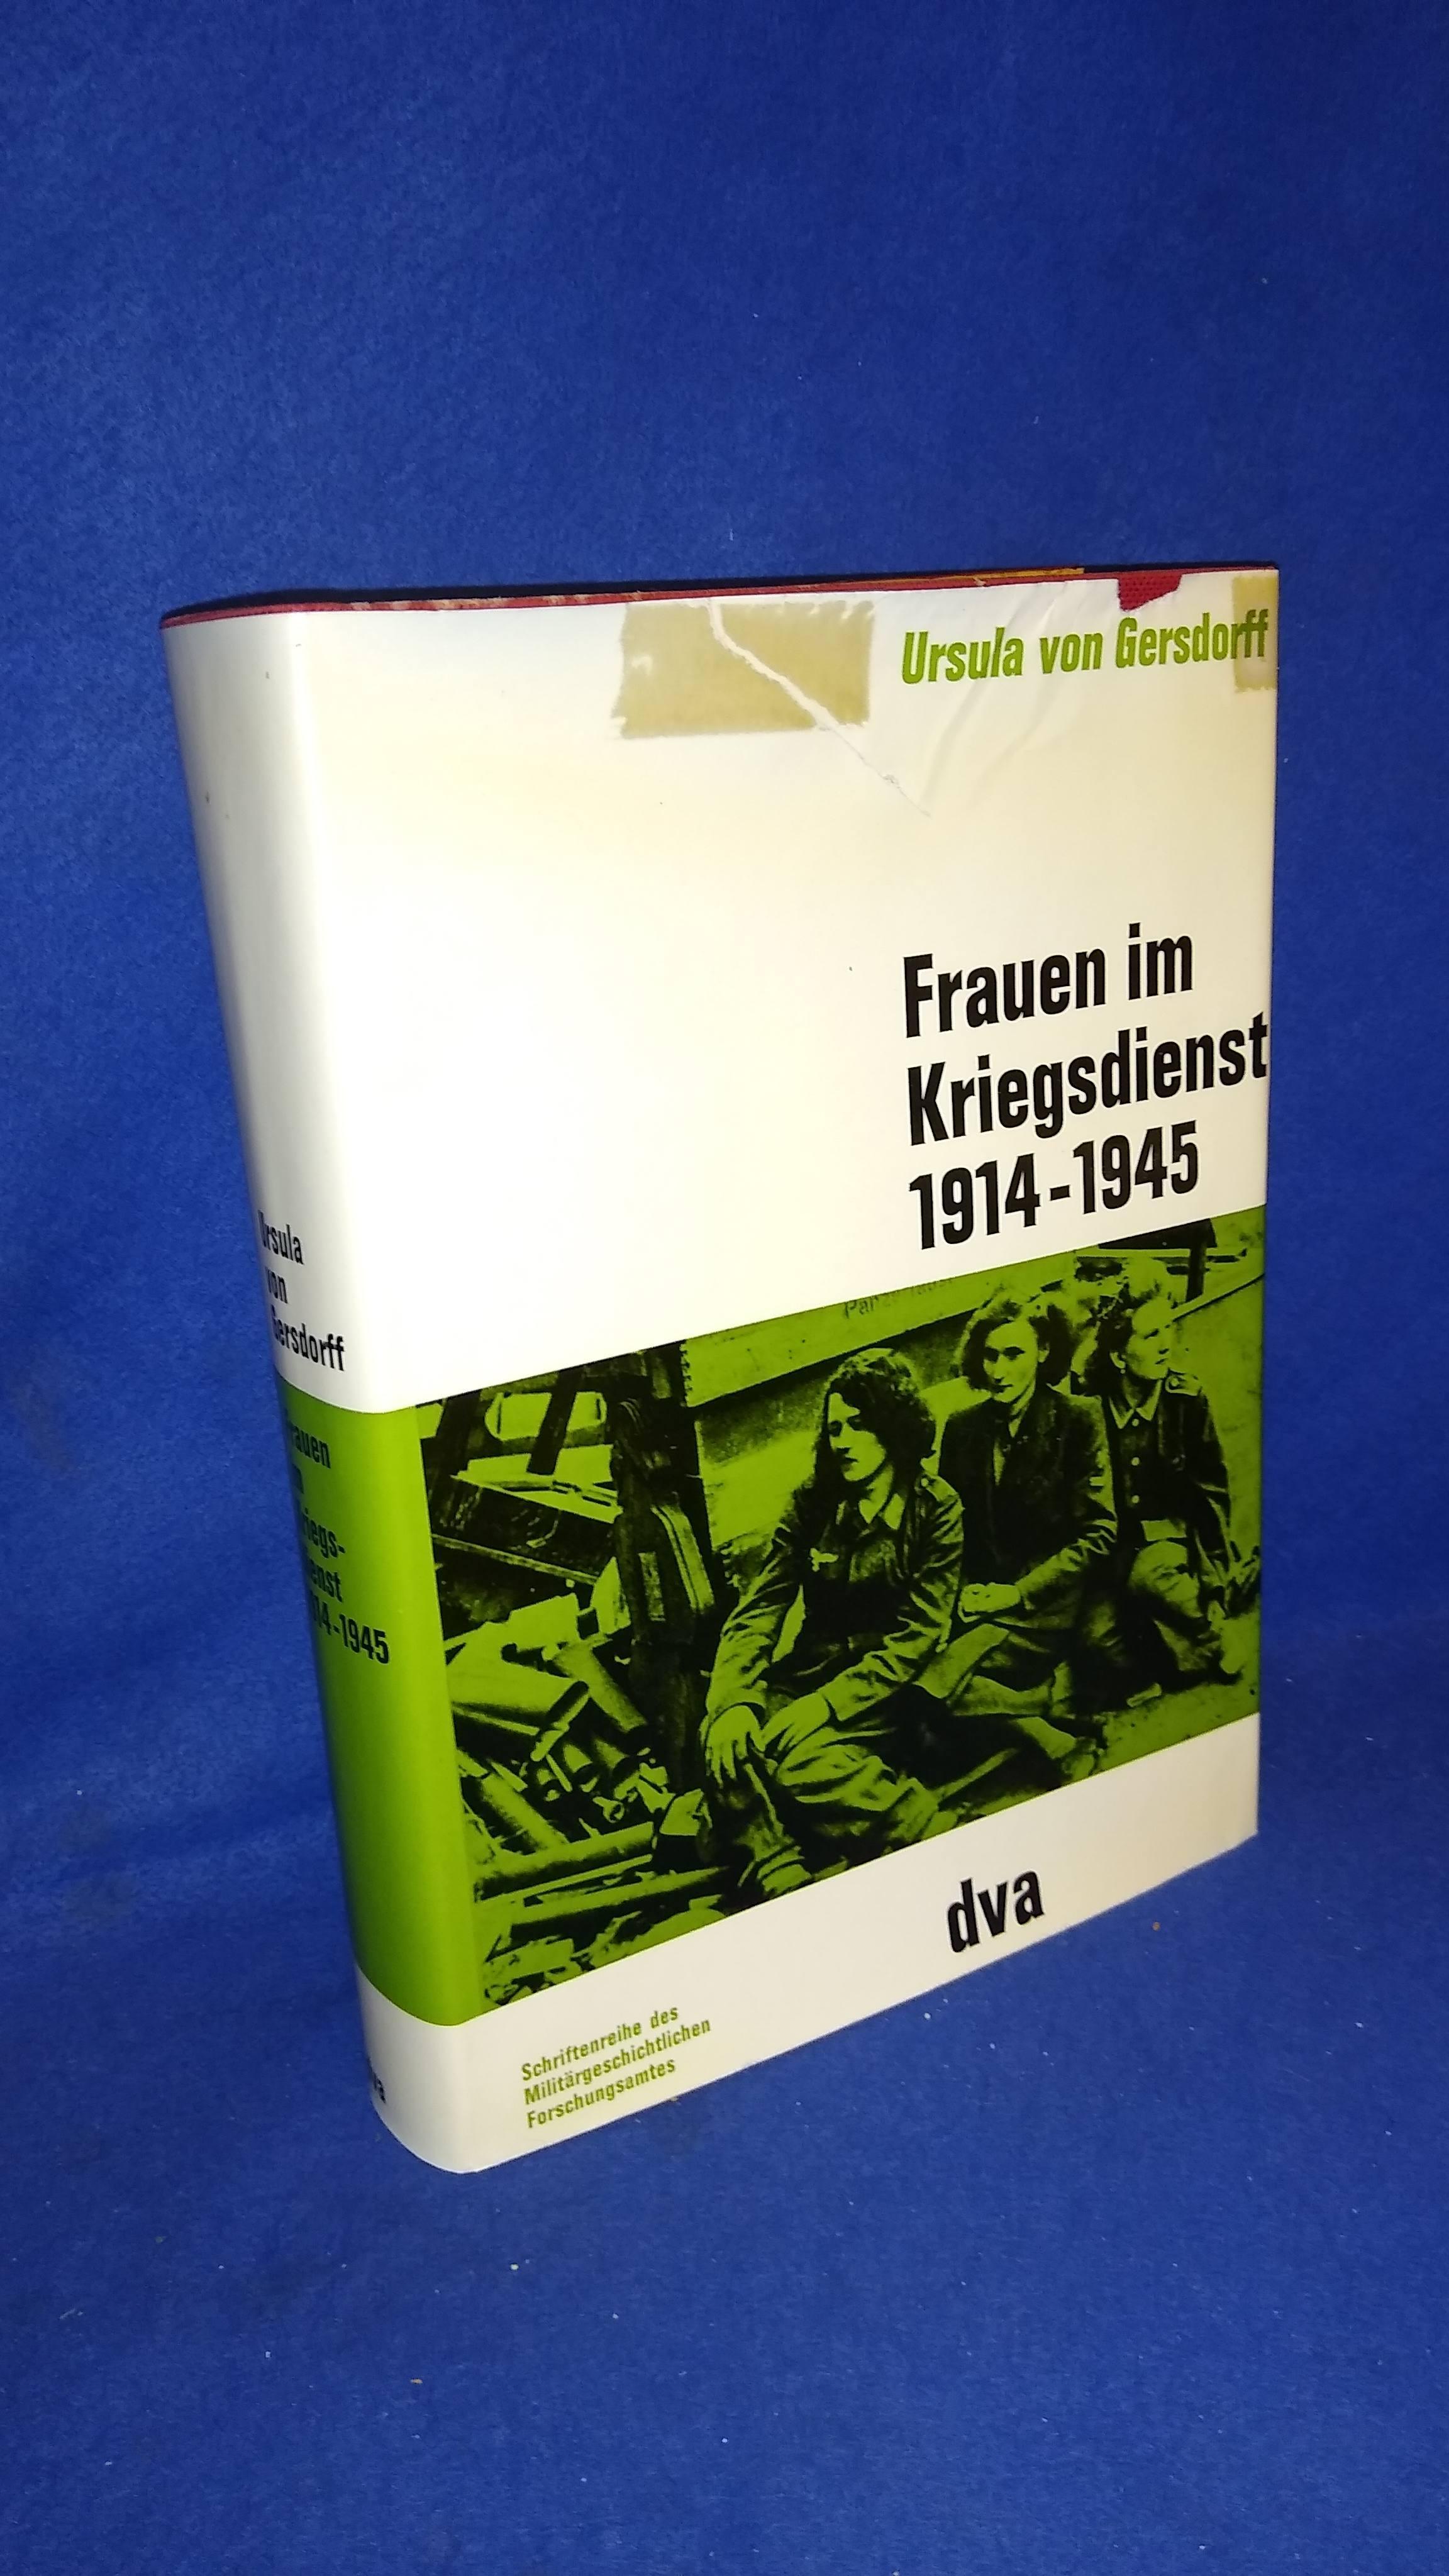 Beiträge zur Militär- und Kriegsgeschichte, Band 11: Frauen im Kriegsdienst 1914 - 1945.